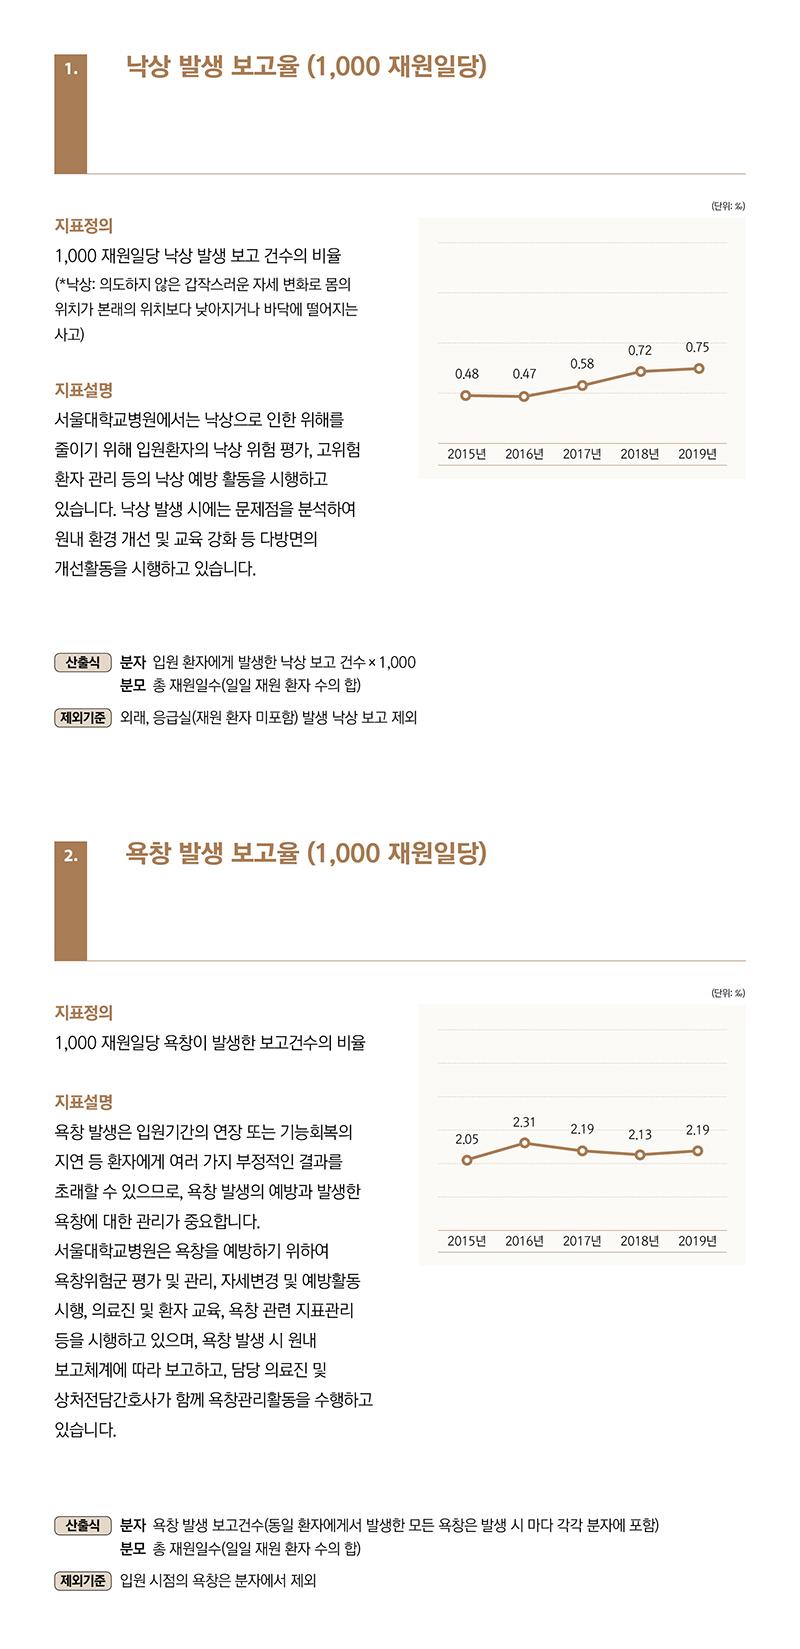 1.낙상 발생 보고율 (1,000 재원일당), 1,000 재원일당 낙상 발생 보고 건수의 비율 (*낙상: 의도하지 않은 갑작스러운 자세 변화로 몸의 위치가 본래의 위치보다 낮아지거나 바닥에 떨어지는 사고), 서울대학교병원에서는 낙상으로 인한 위해를 줄이기 위해 입원환자의 낙상 위험 평가, 고위험 환자관리등의낙상예방활동을시행하고 있습니다. 낙상 발생 시에는 문제점을 분석하여 원내환경개선및교육강화등다방면의 개선활동을 시행하고 있습니다. 2.욕창 발생 보고율 (1,000 재원일당), 1,000 재원일당 욕창이 발생한 보고건수의 비율, 욕창 발생은 입원기간의 연장 또는 기능회복의 지연등환자에게여러가지부정적인결과를 초래할 수 있으므로, 욕창 발생의 예방과 발생한 욕창에 대한 관리가 중요합니다. 서울대학교병원은 욕창을 예방하기 위하여 욕창위험군 평가 및 관리, 자세변경 및 예방활동 시행,의료진및환자교육,욕창관련지표관리 등을시행하고있으며,욕창발생시원내 보고체계에 따라 보고하고, 담당 의료진 및 상처전담간호사가 함께 욕창관리활동을 수행하고 있습니다.